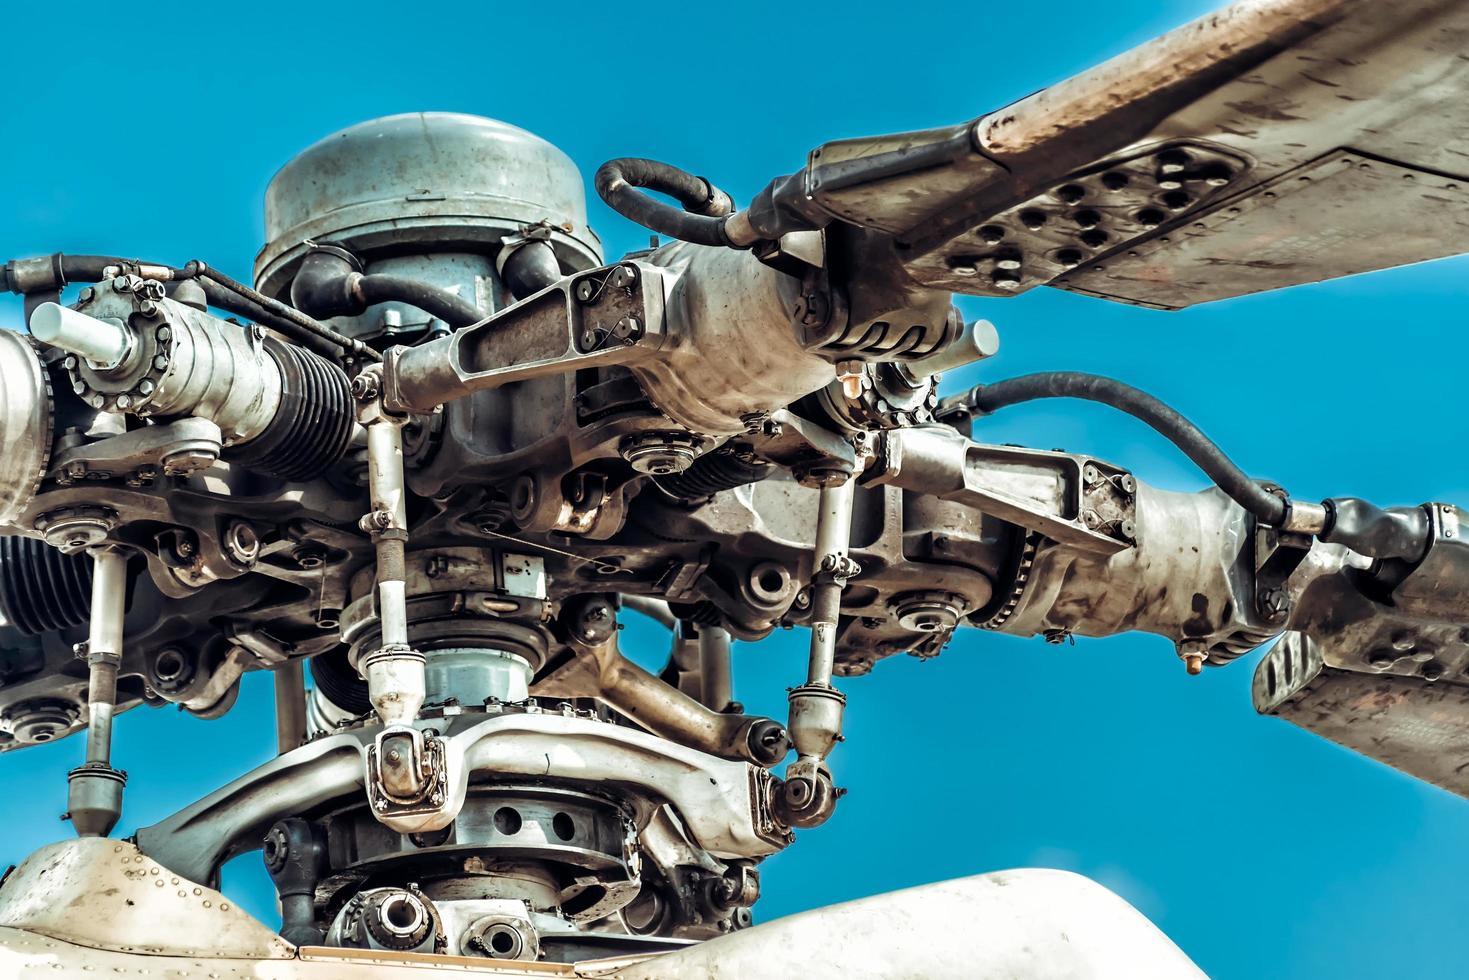 palas de rotor y cabeza de rotor de helicóptero militar foto